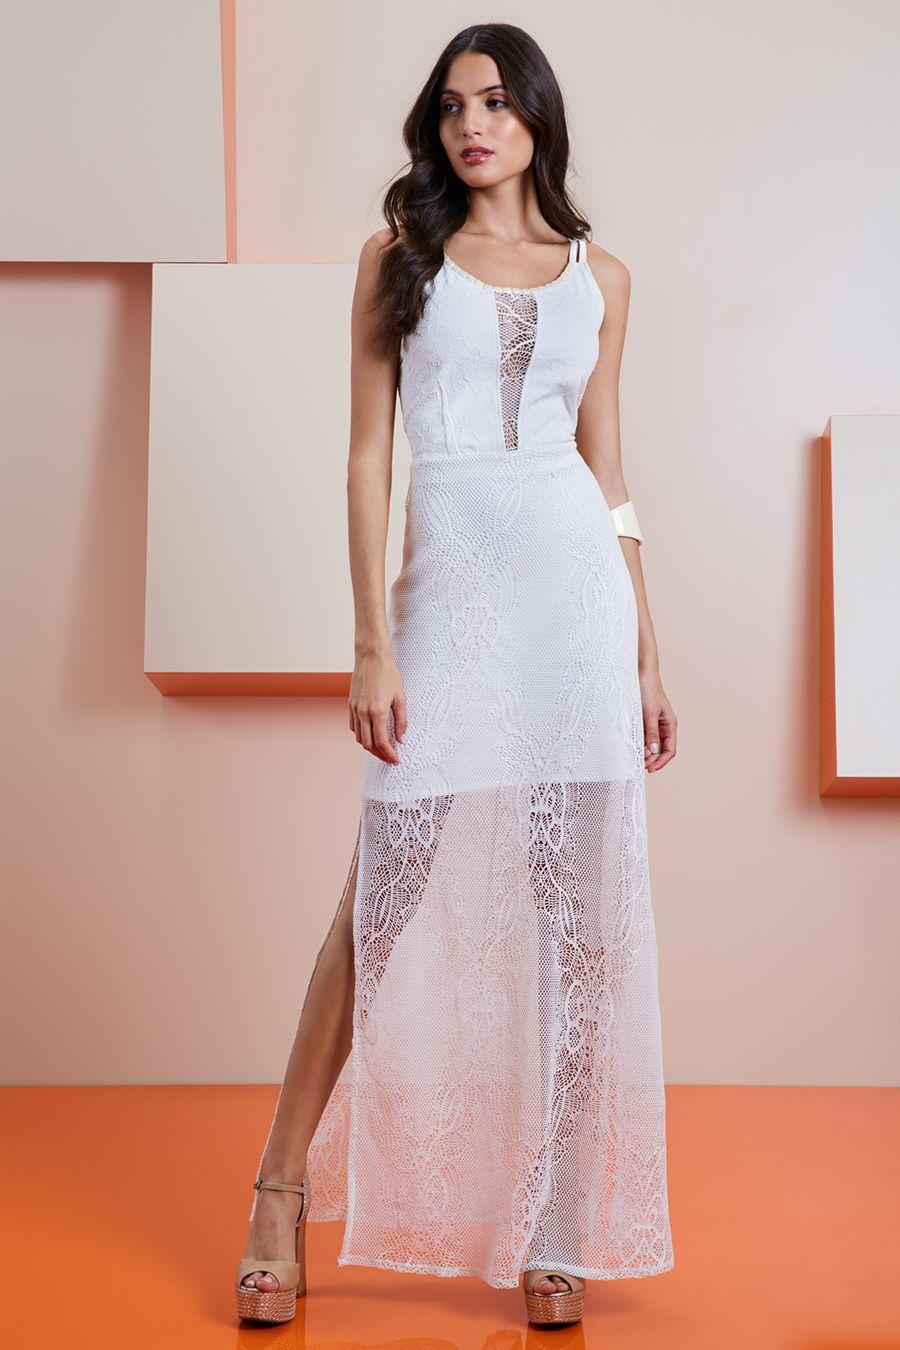 d4700f6d2 Vestido branco longo com decote profundo e renda transparente ...